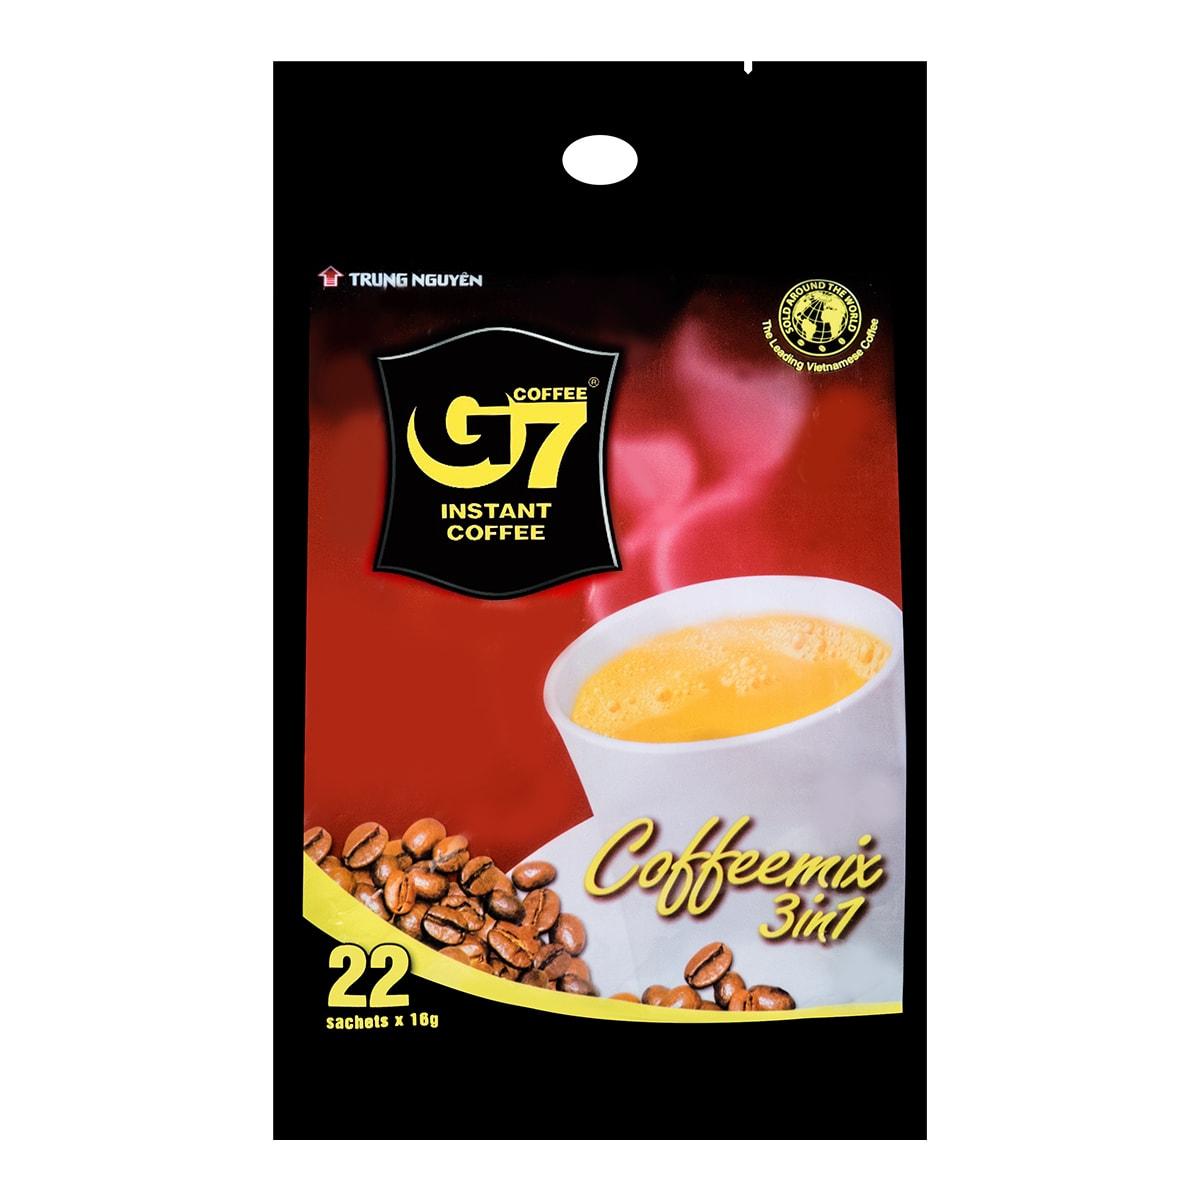 ZHONGYUAN 3 IN 1 Coffee 352g